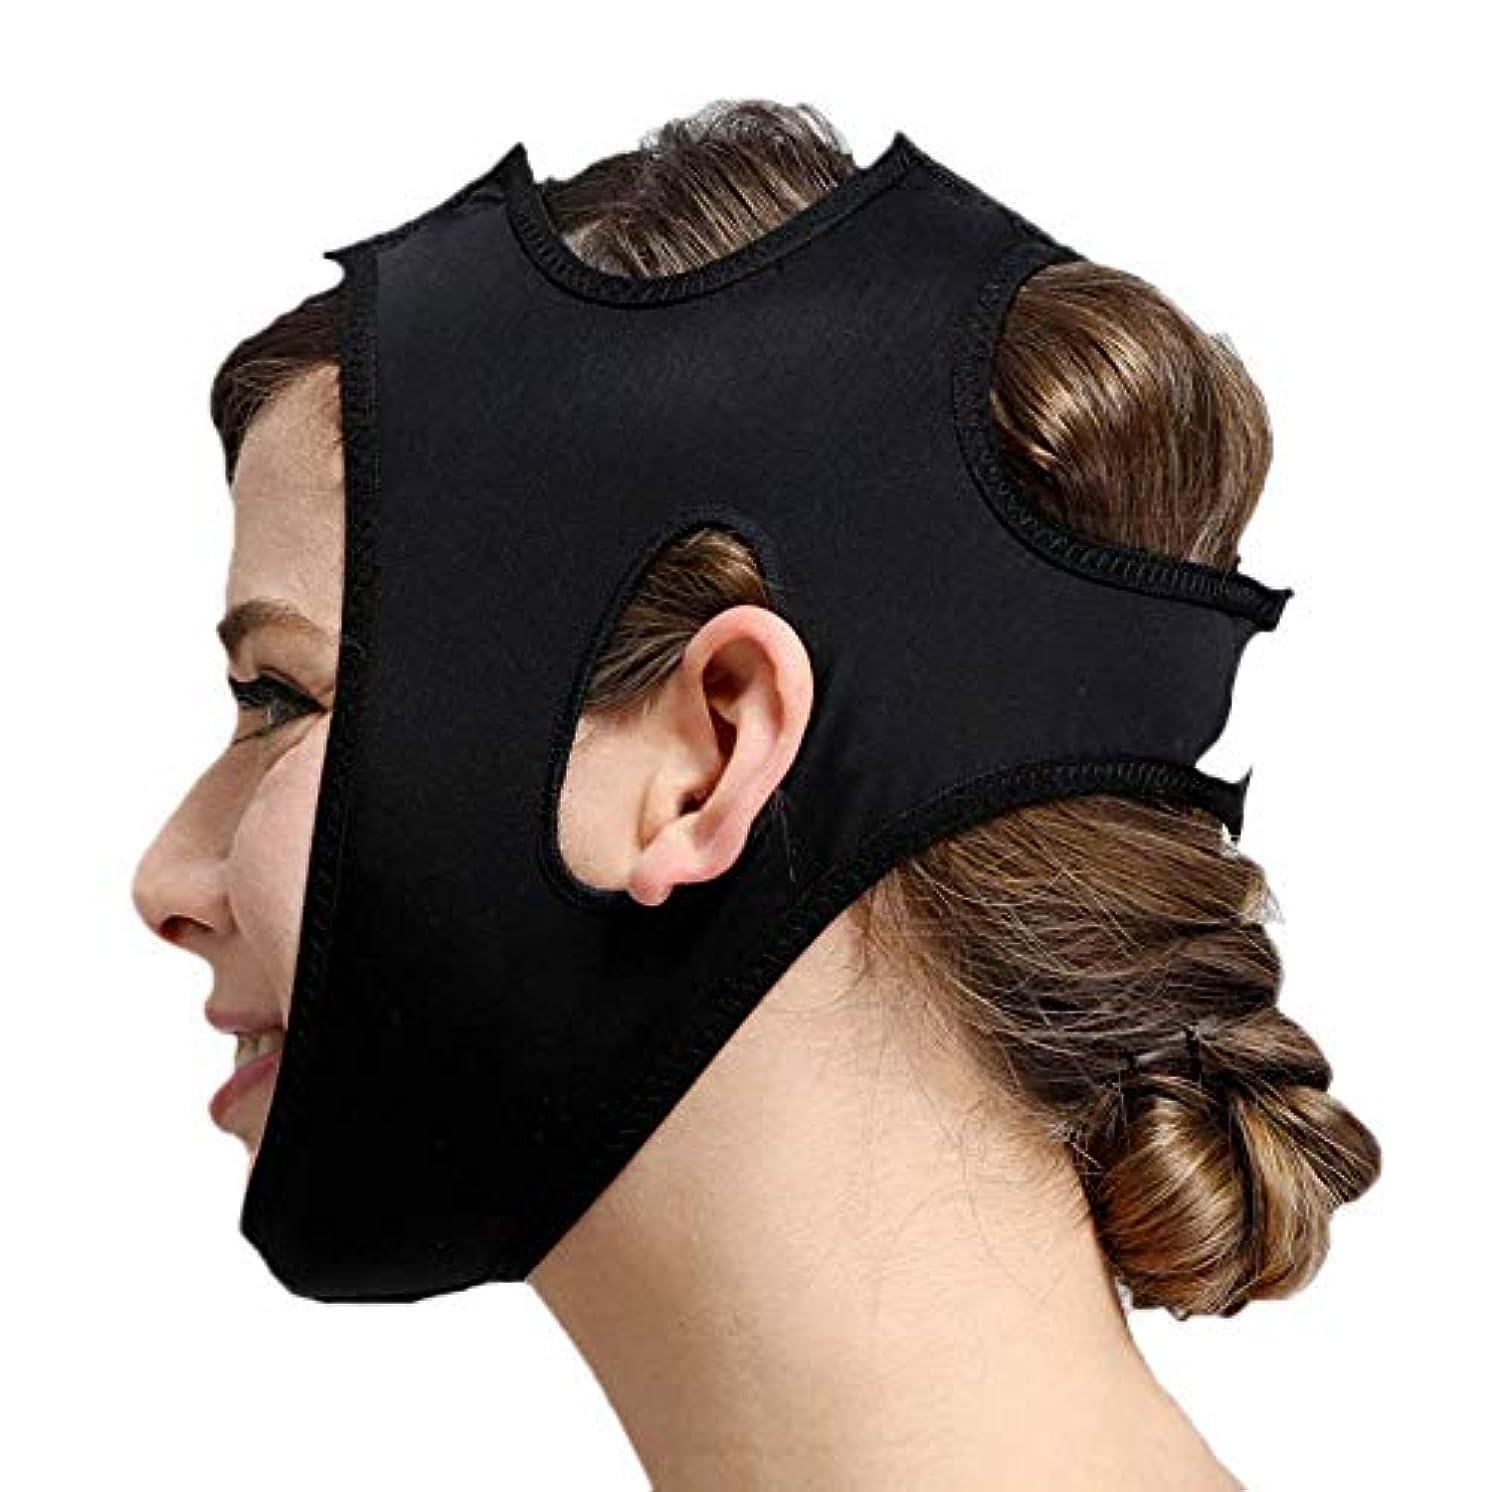 探すオートマトン落ち着くフェイススリミングマスク、快適さと通気性、フェイシャルリフティング、輪郭の改善された硬さ、ファーミングとリフティングフェイス(カラー:ブラック、サイズ:XL),黒、XXL